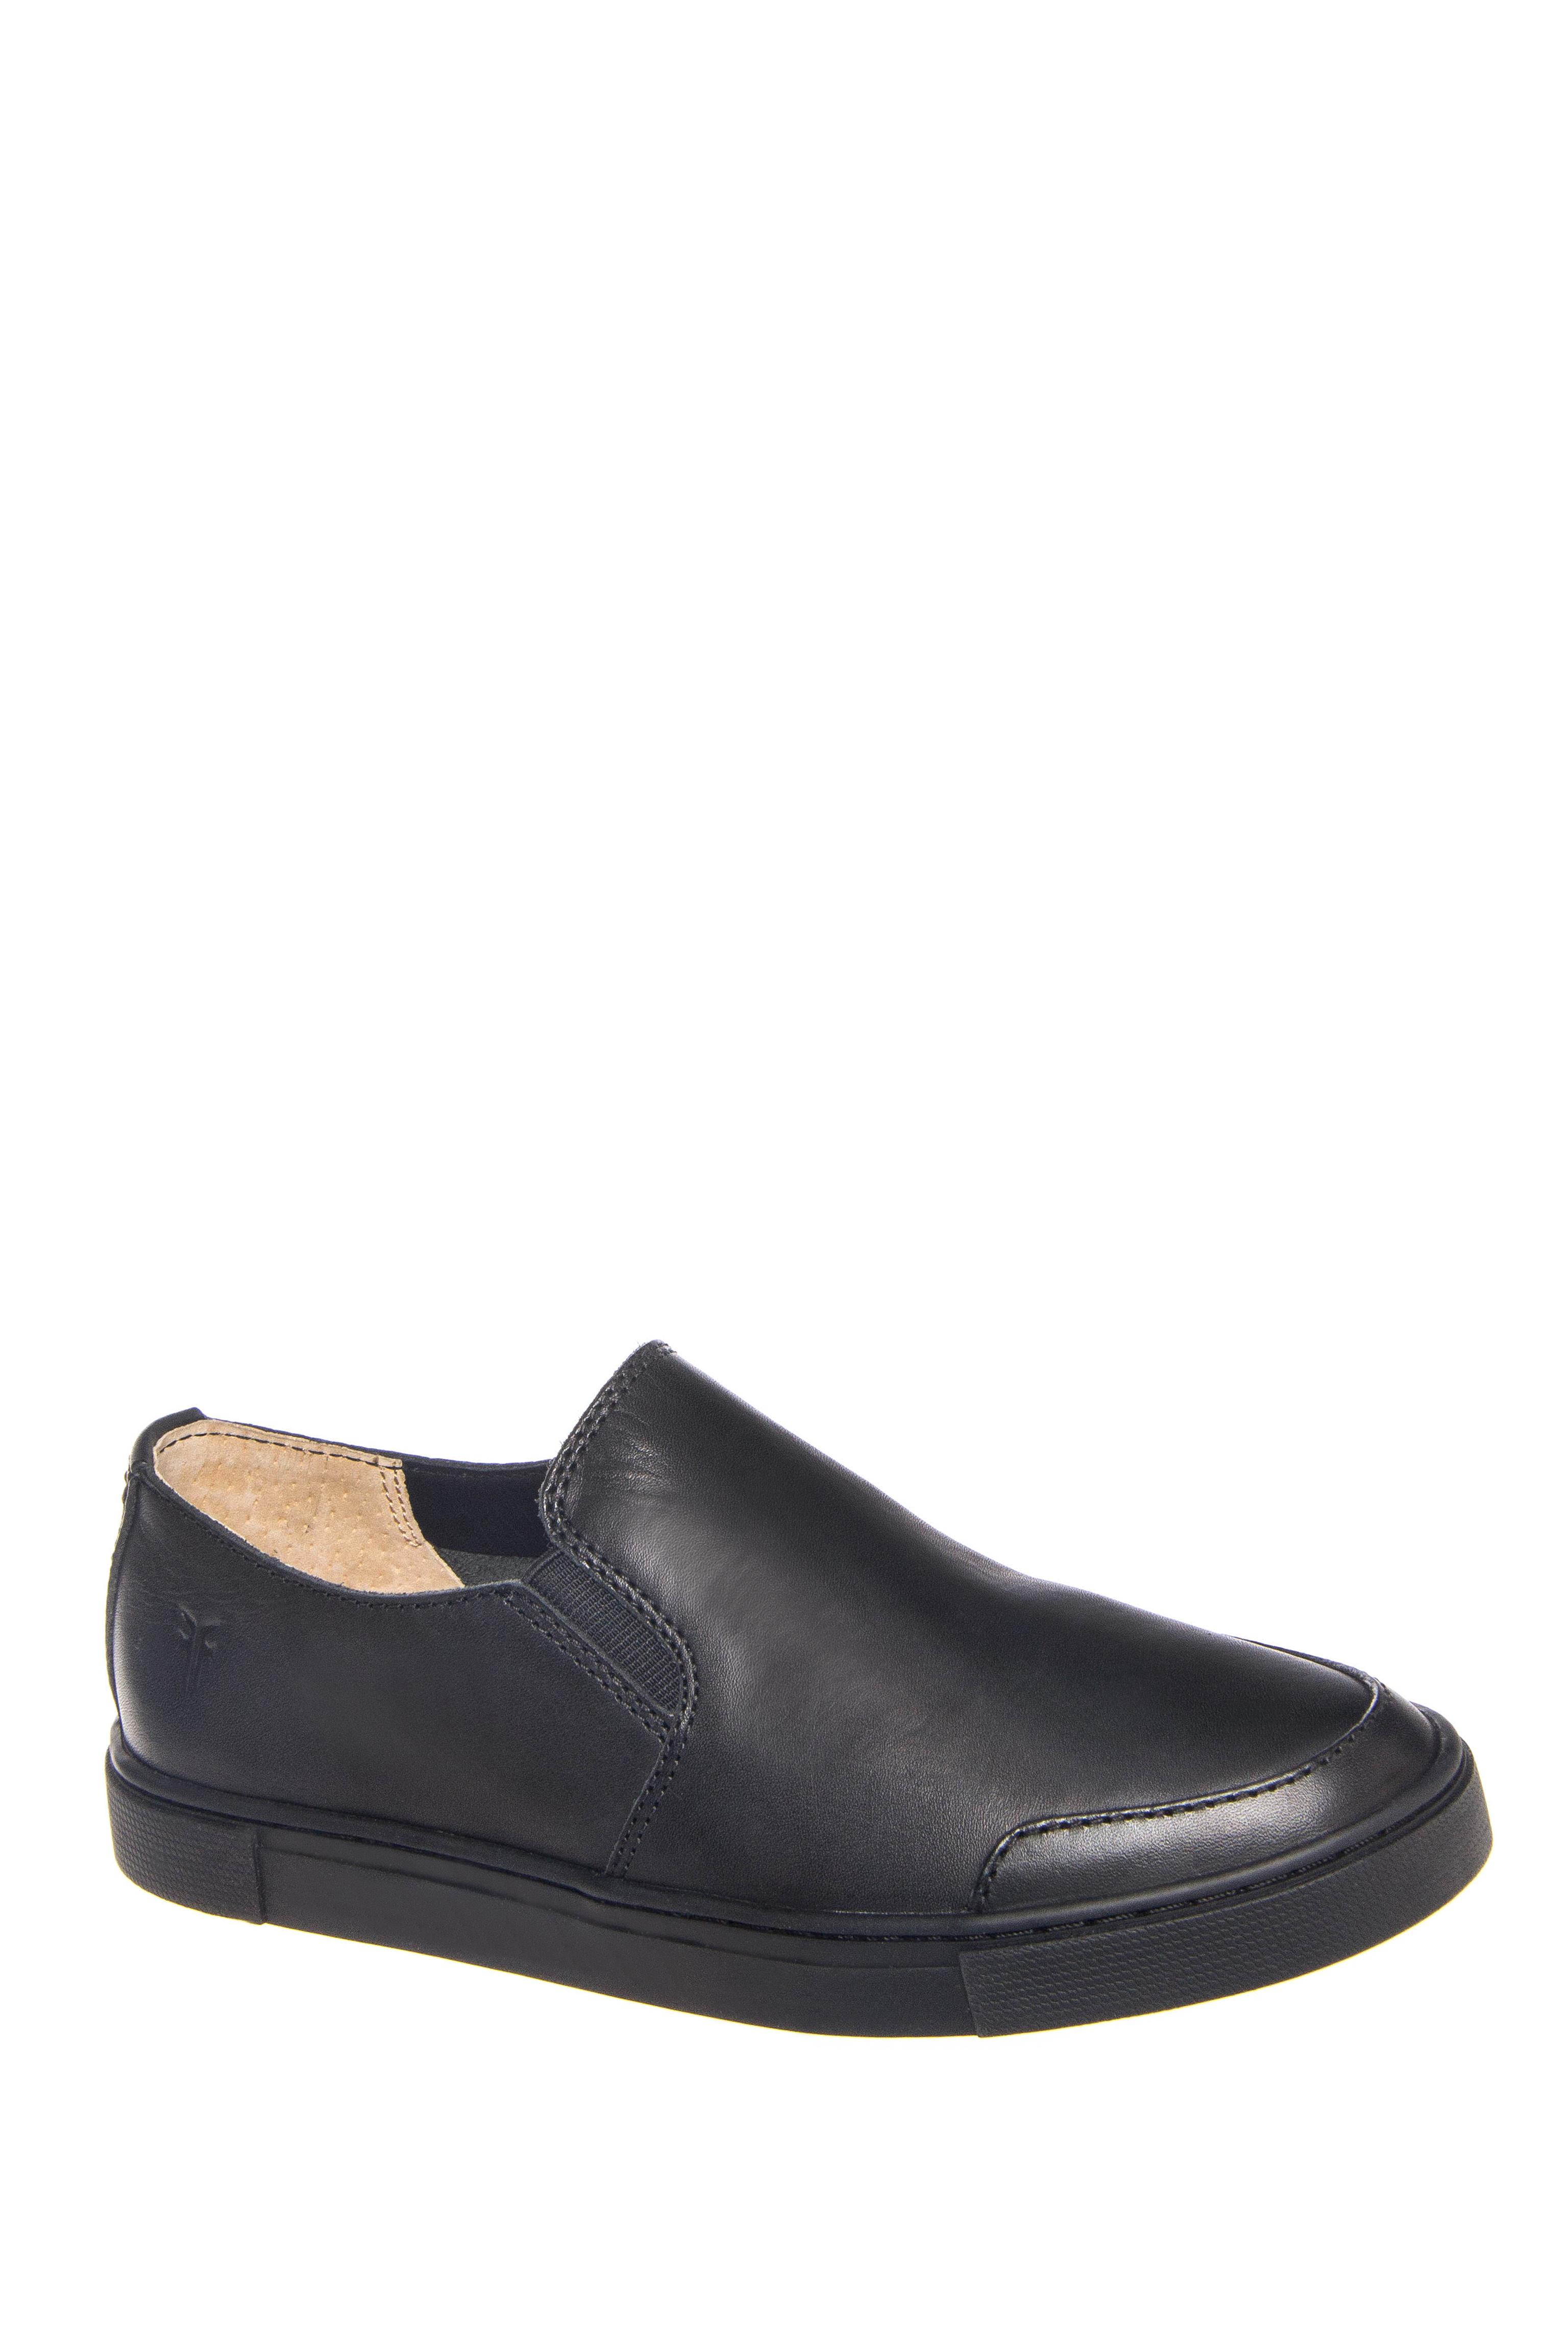 Frye Gemma Slip-On Sneakers - Black